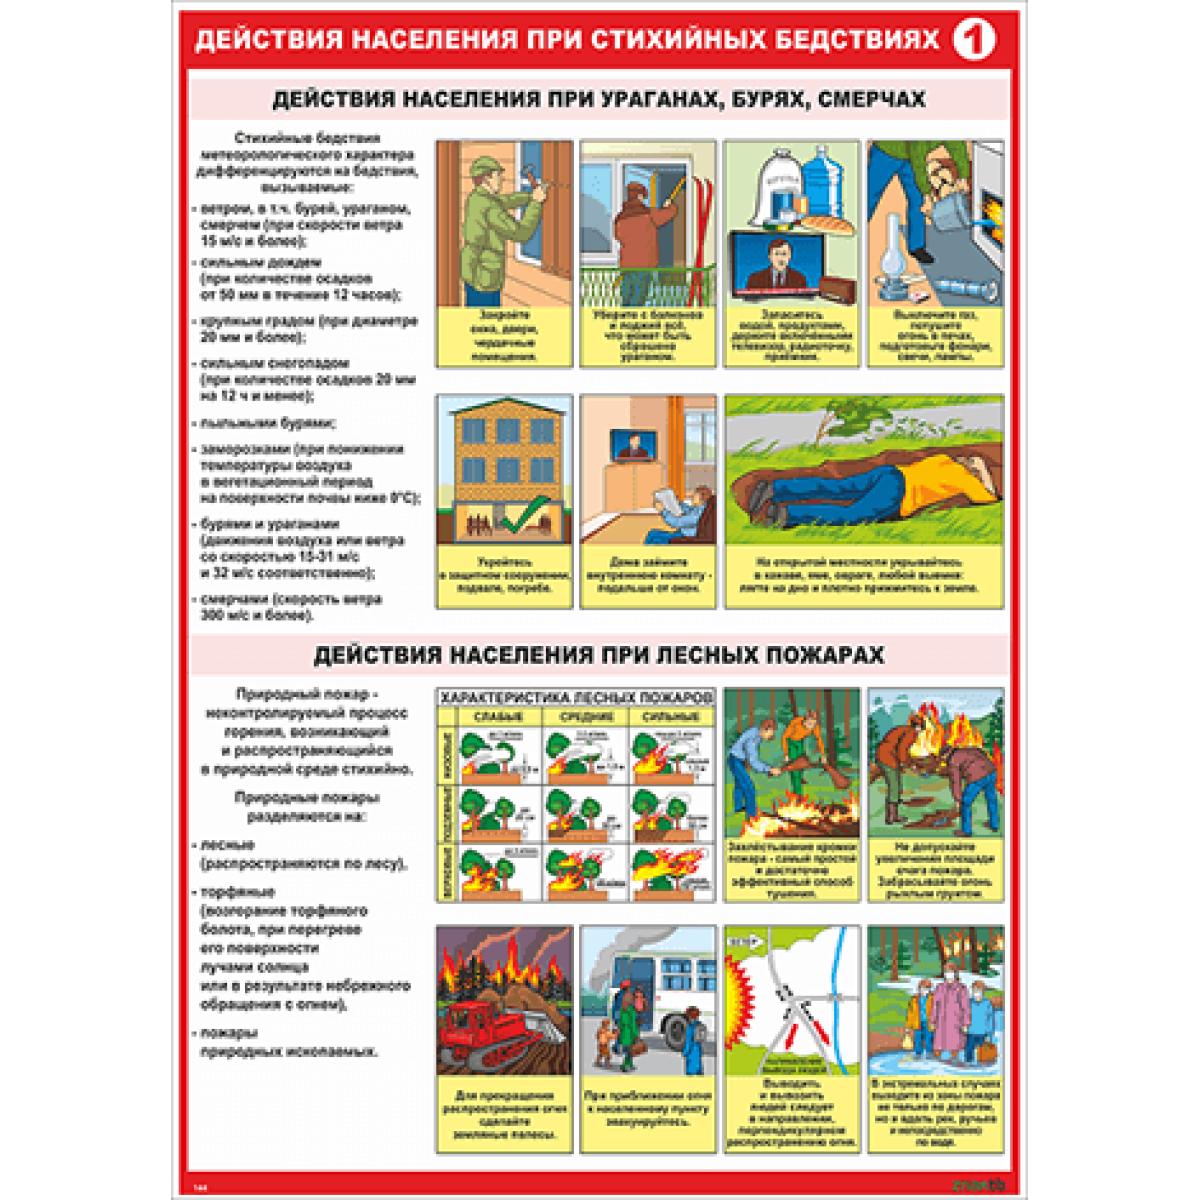 Действия населения при стихийных бедствиях часть 2